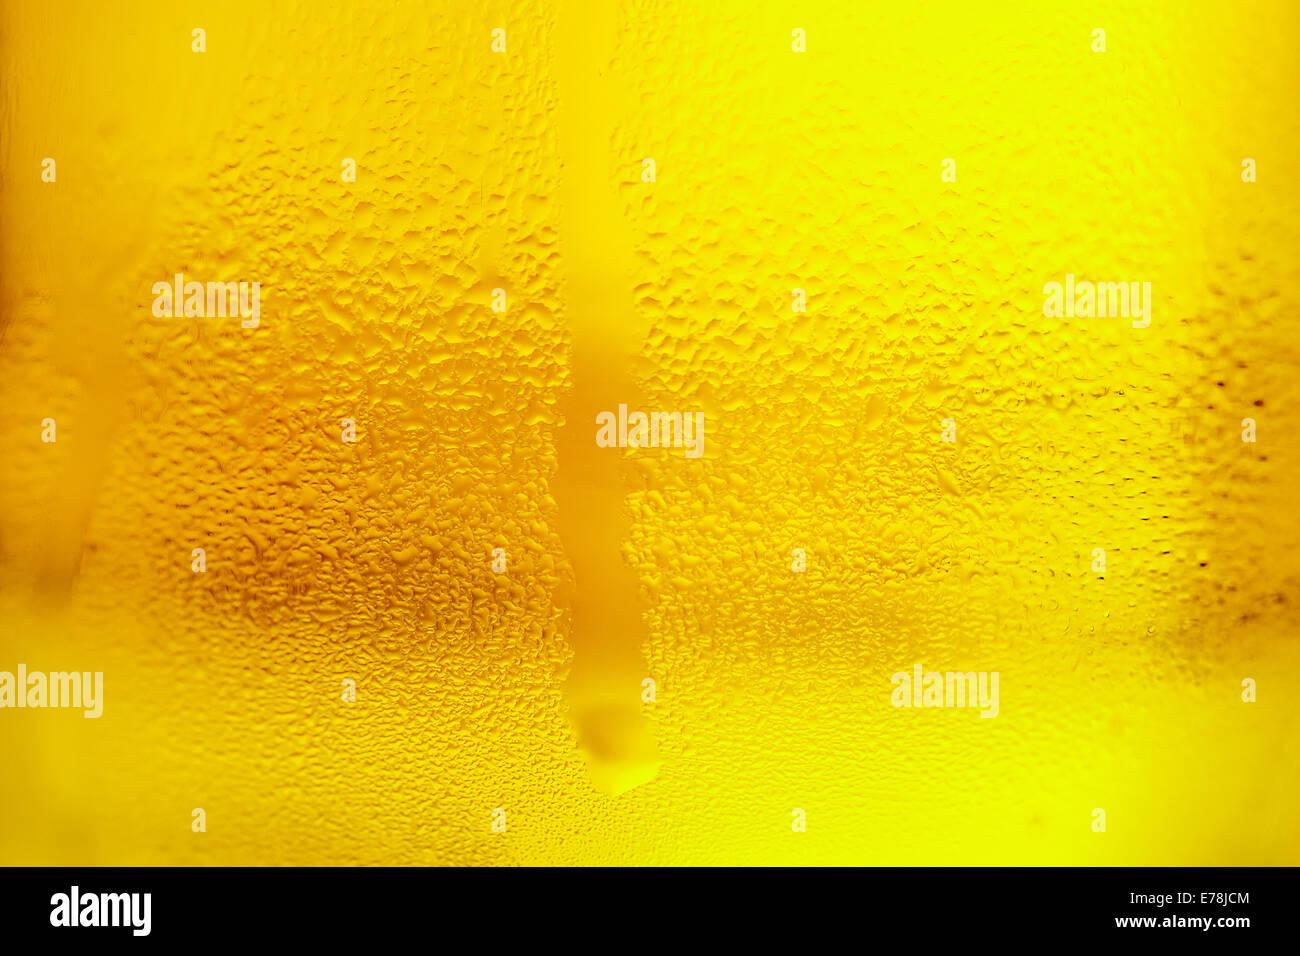 Dampen Stock Photos Amp Dampen Stock Images Alamy